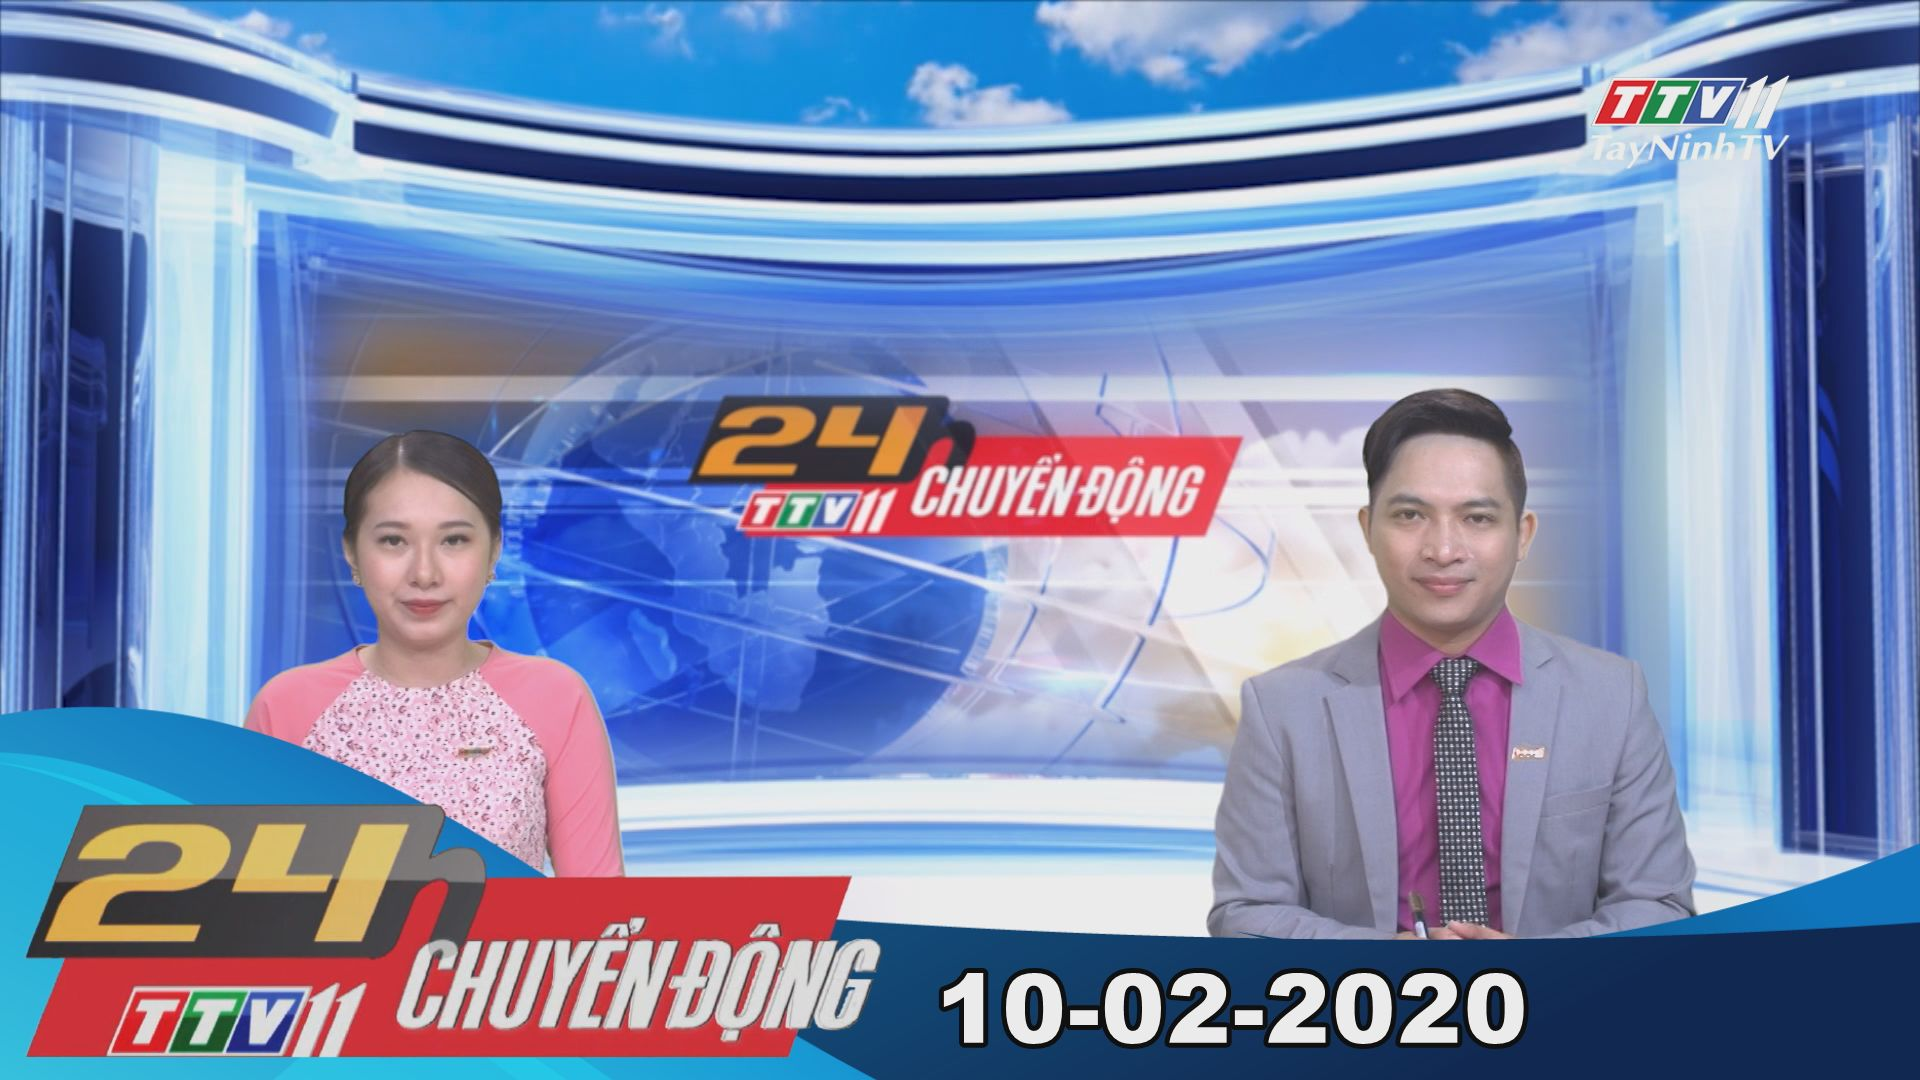 24h Chuyển động 10-02-2020 | Tin tức hôm nay | TayNinhTV